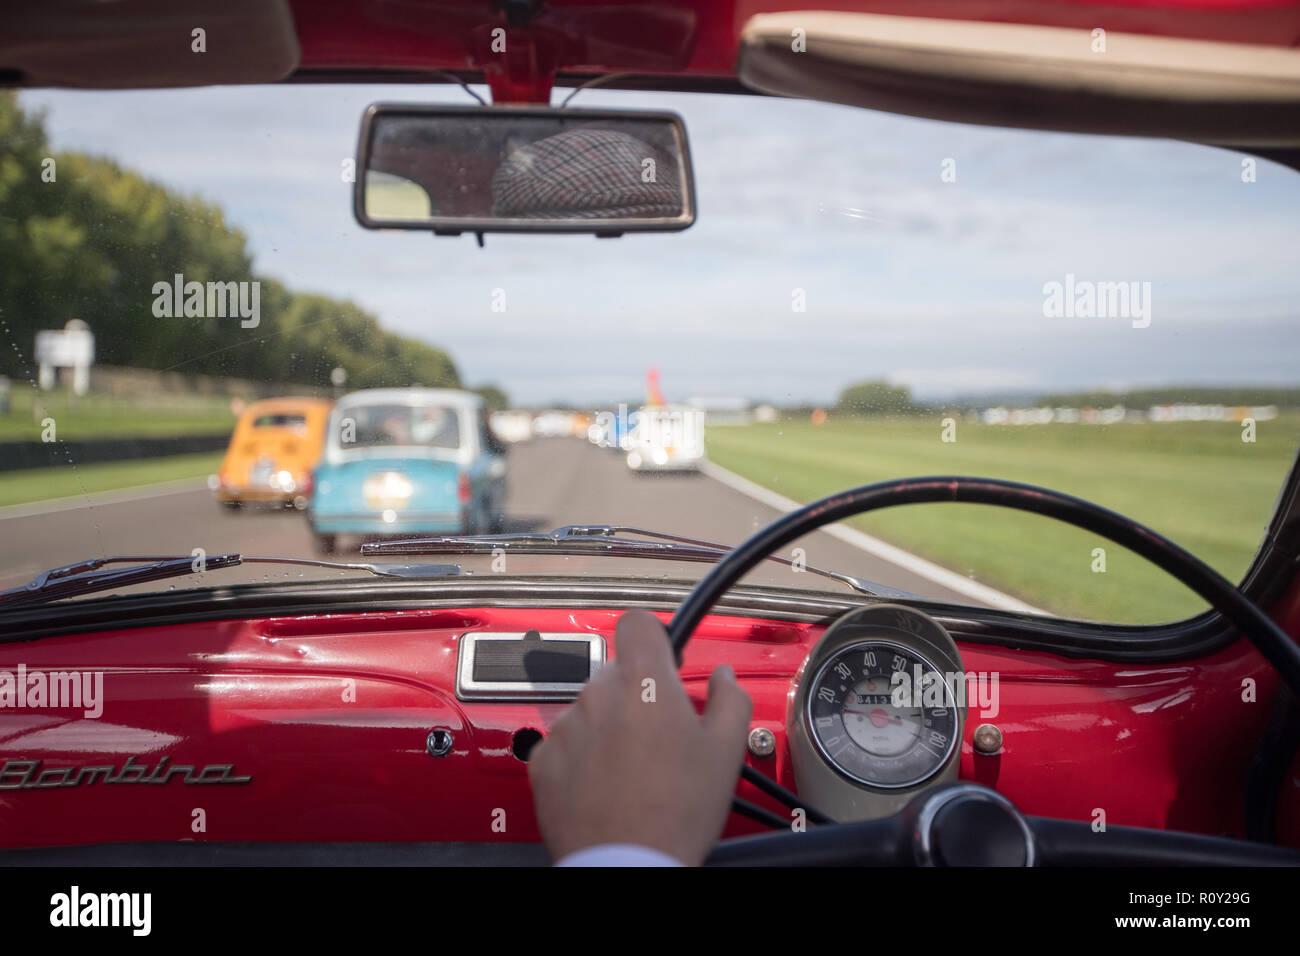 Im Inneren des kleinen italienischen Fiat 500 Auto zwar um eine Runde fahren in Goodwood Rennstrecke genommen. Stockbild